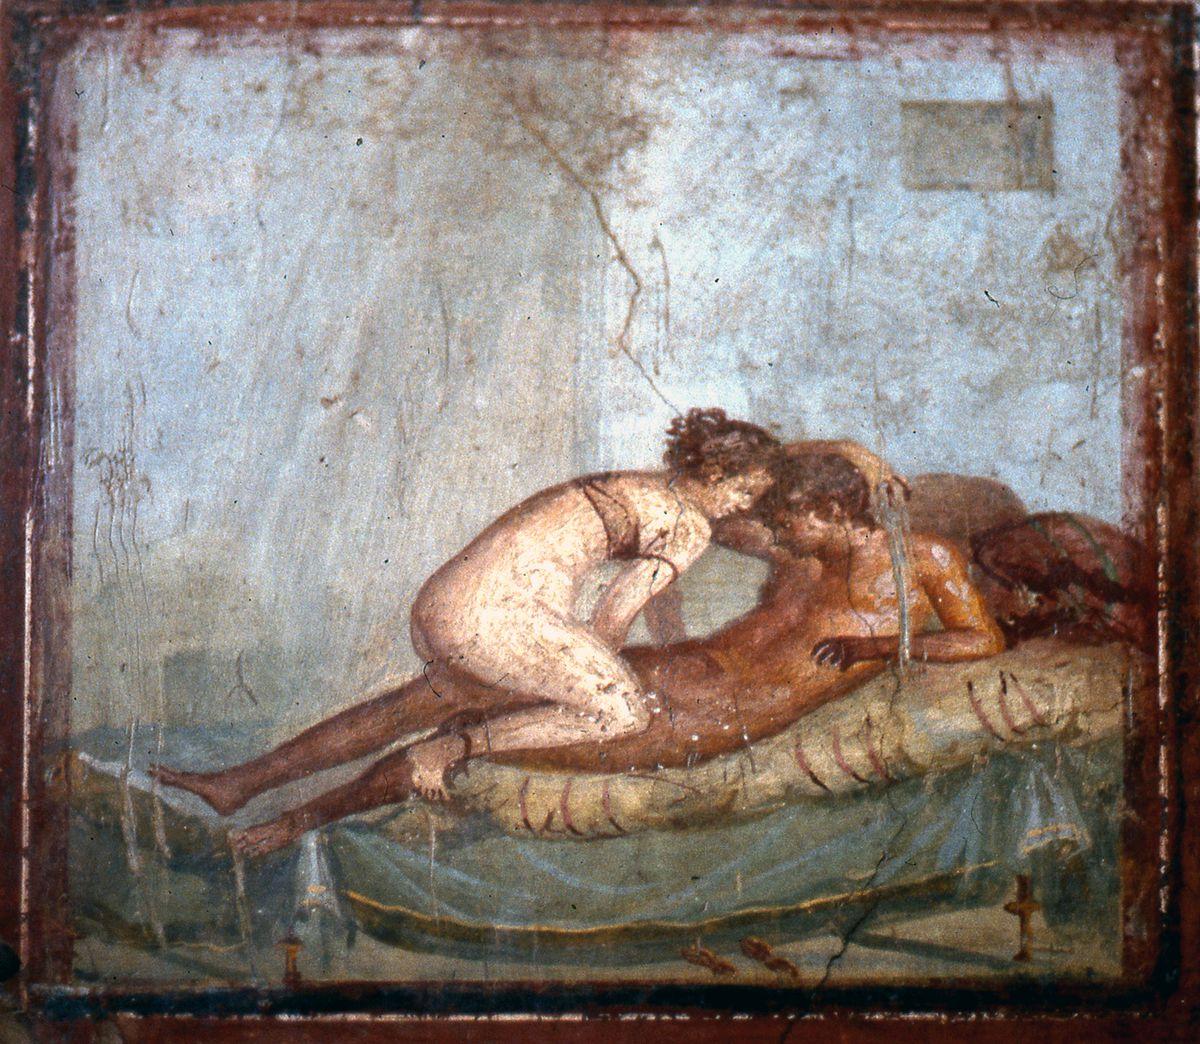 Pompeii sex